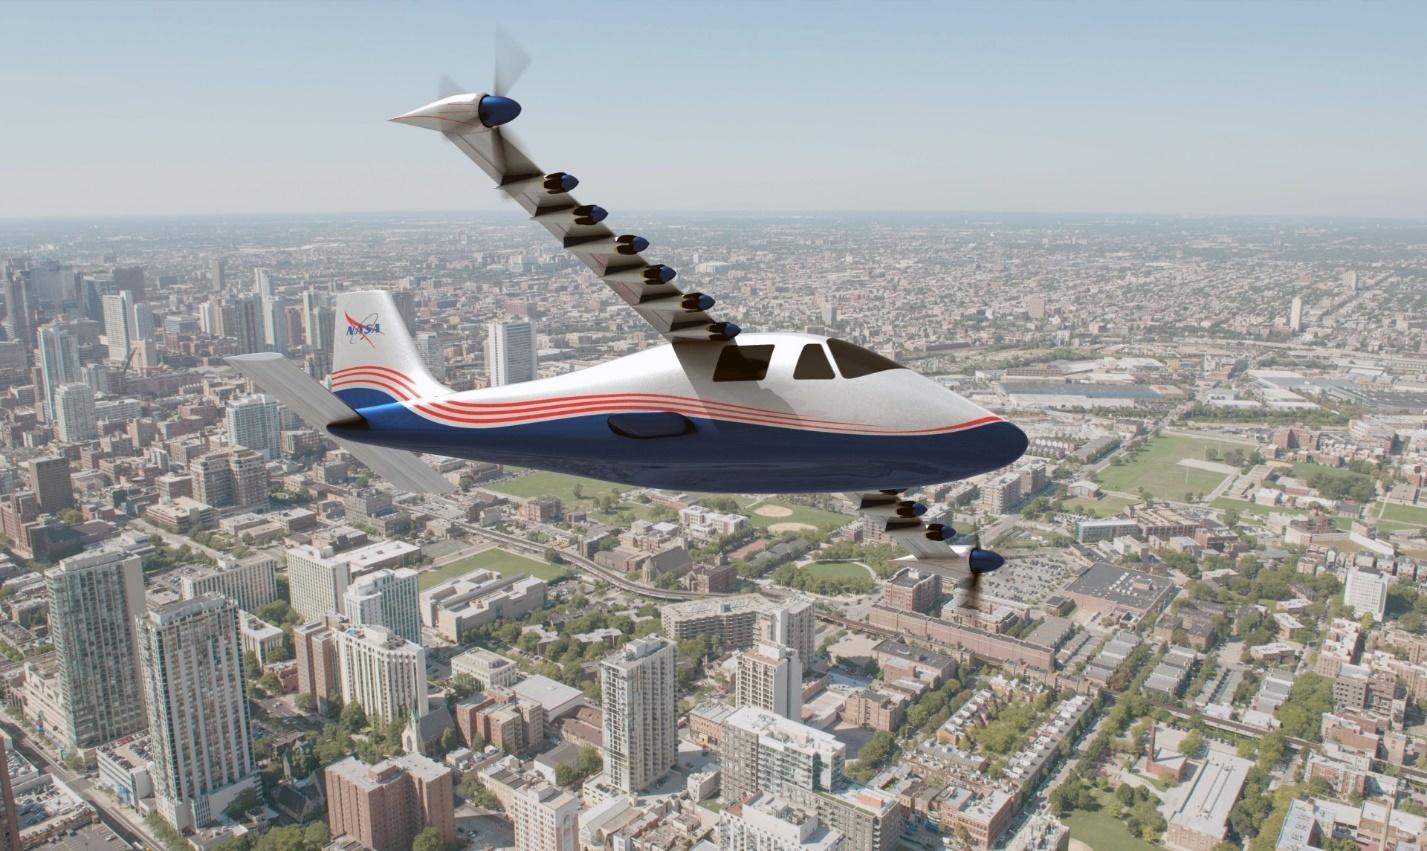 Будущее авиации. Перспективные проекты самолетов и вертолетов - 4